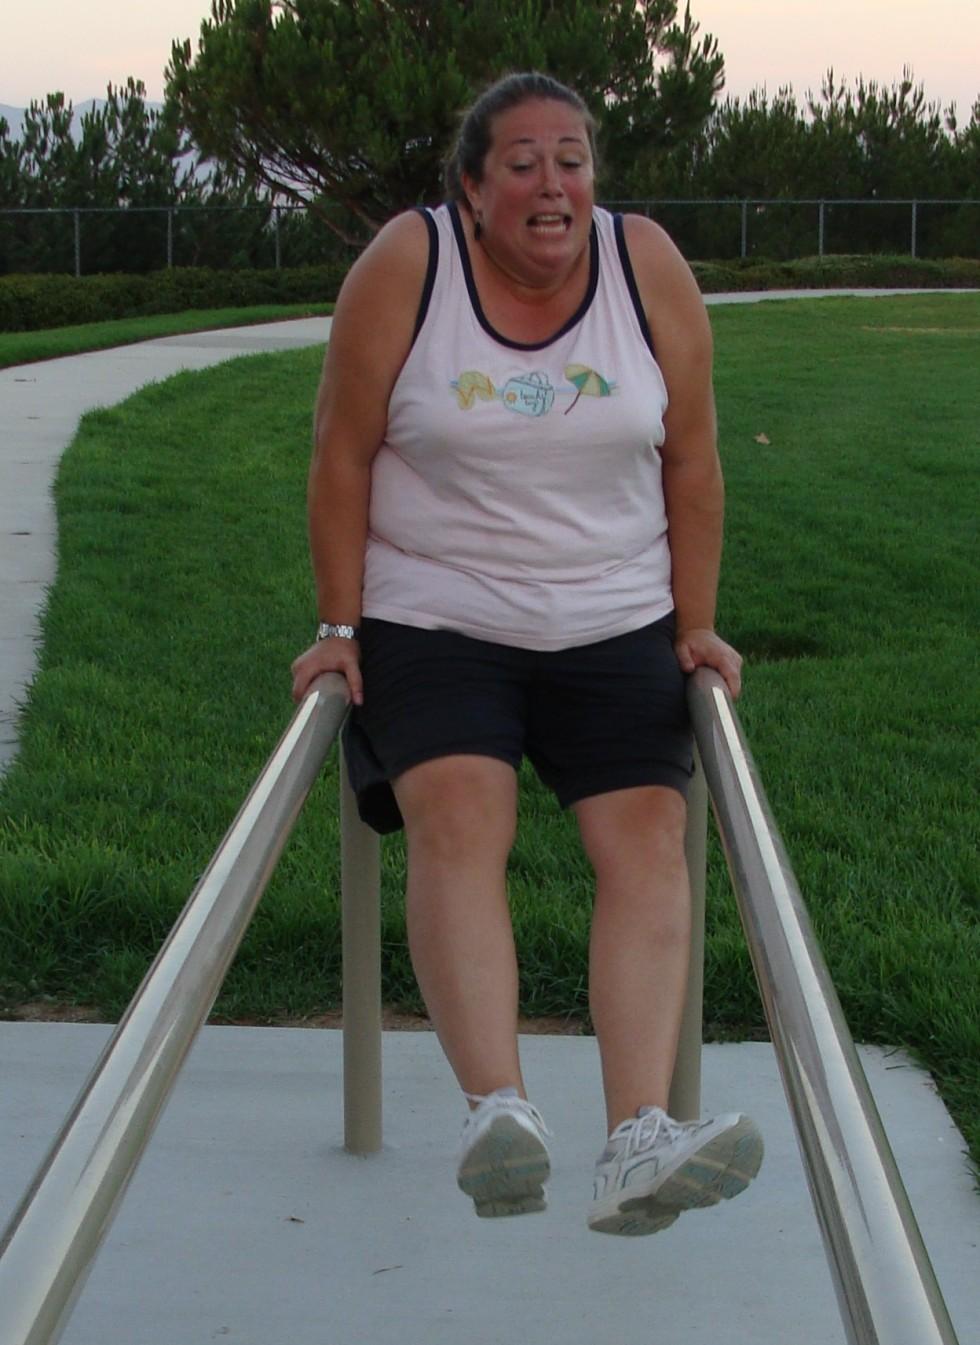 funny arm walk exercise training